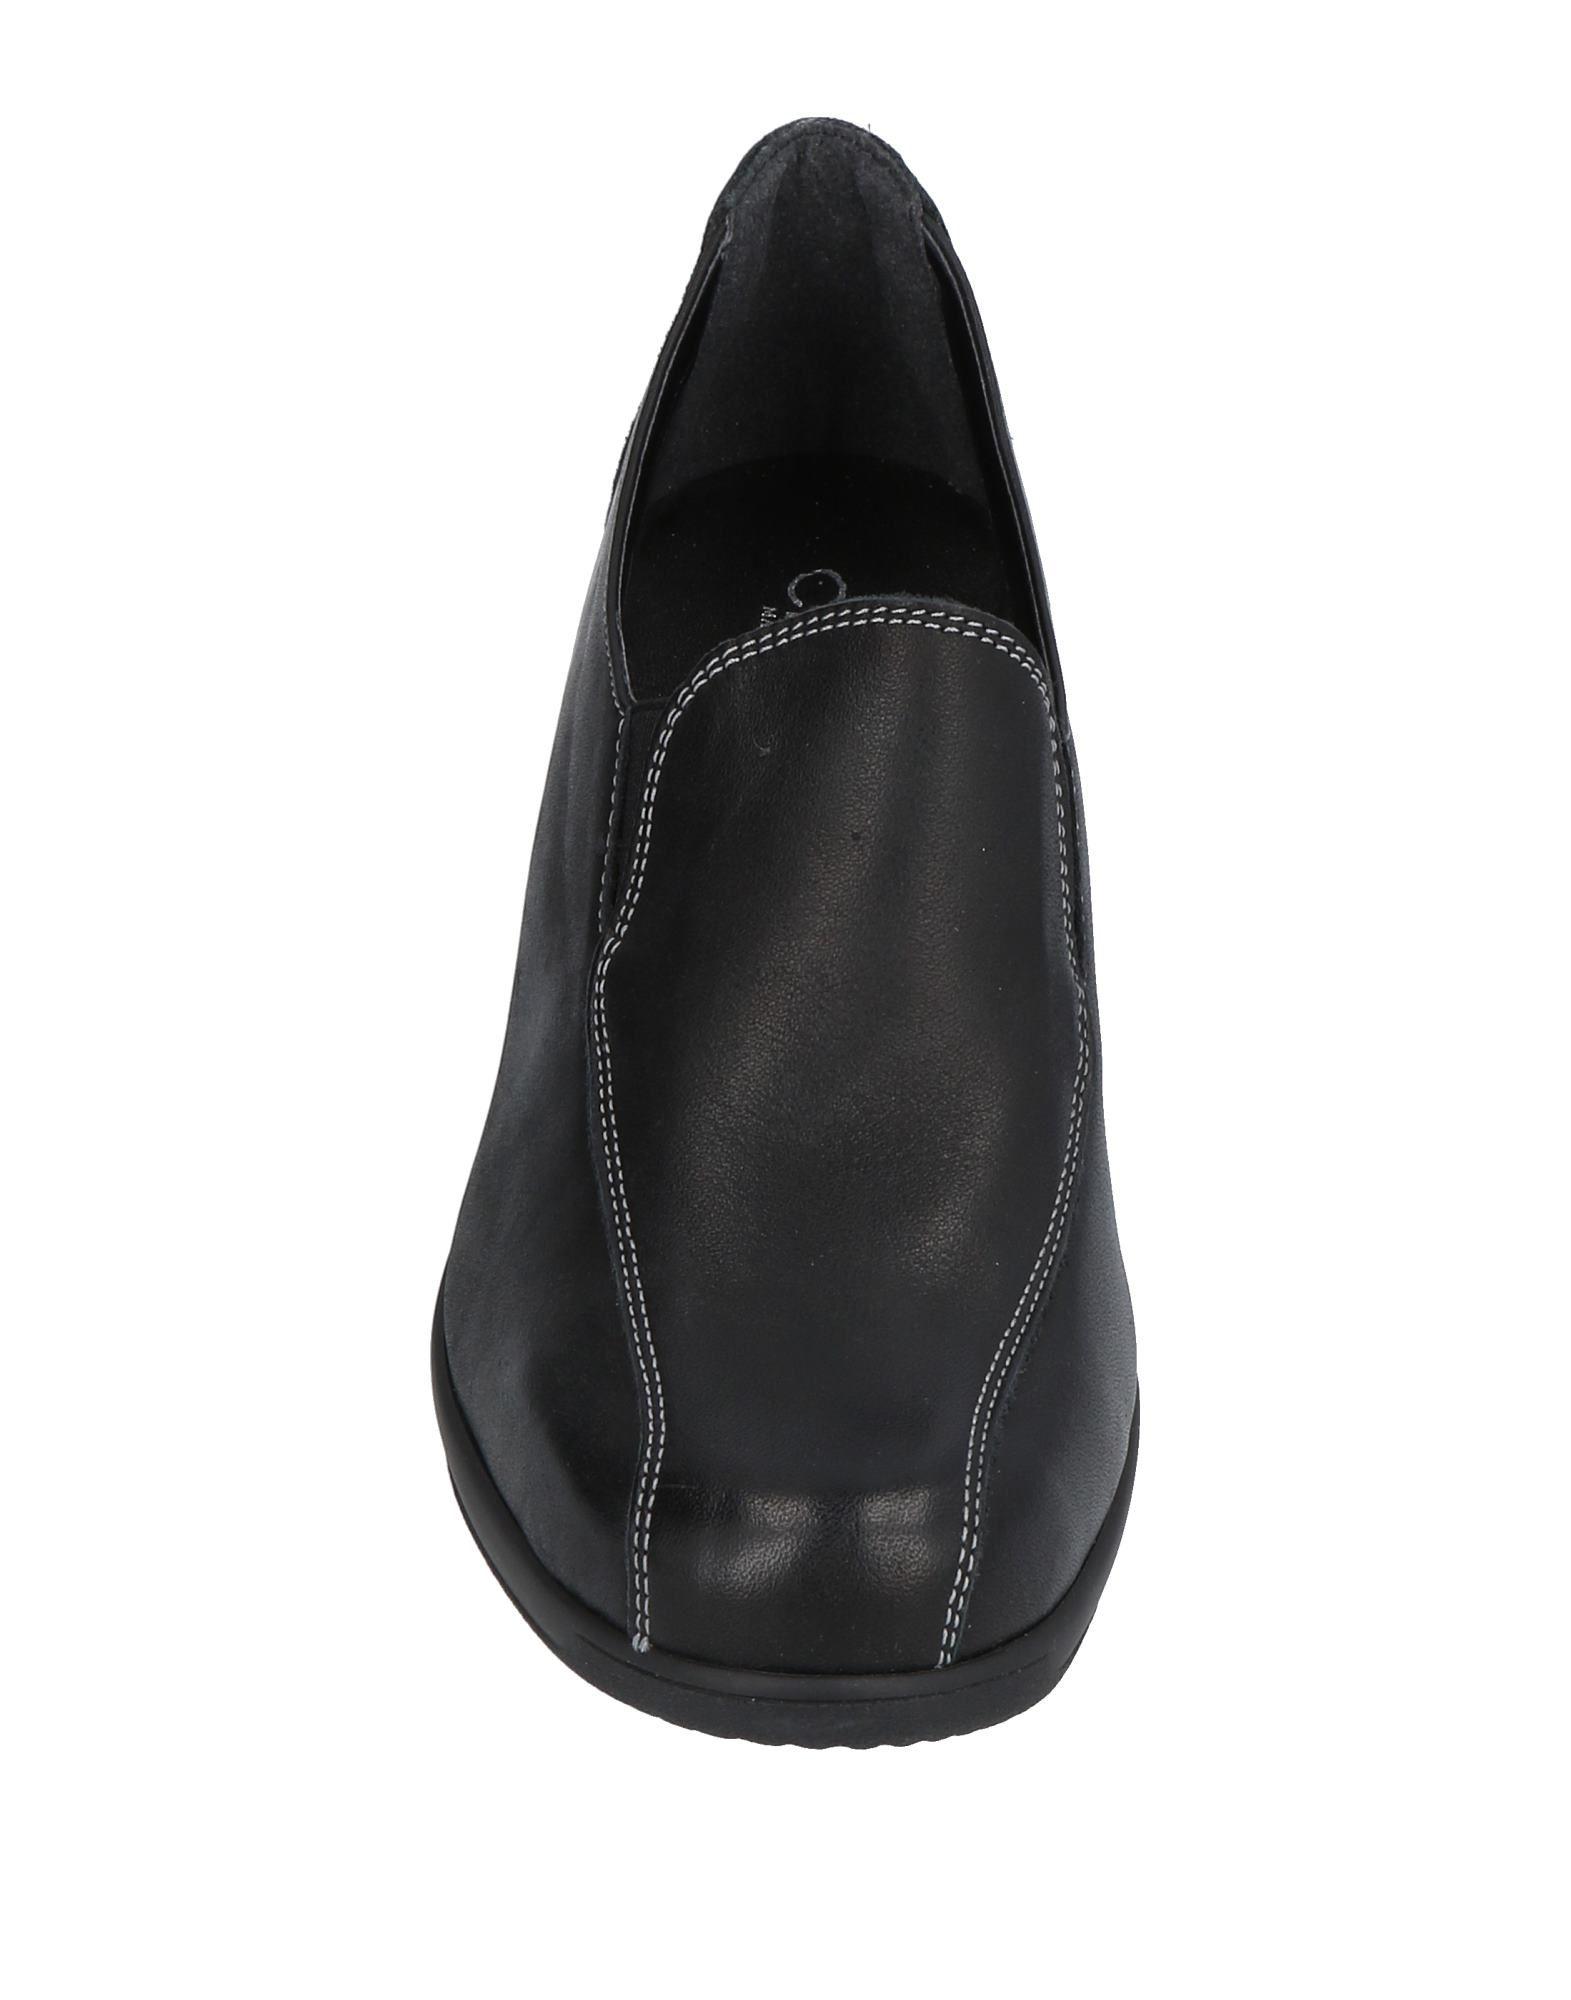 Cinzia Soft Damen By Mauri Moda Mokassins Damen Soft  11467905PS Gute Qualität beliebte Schuhe 34a361